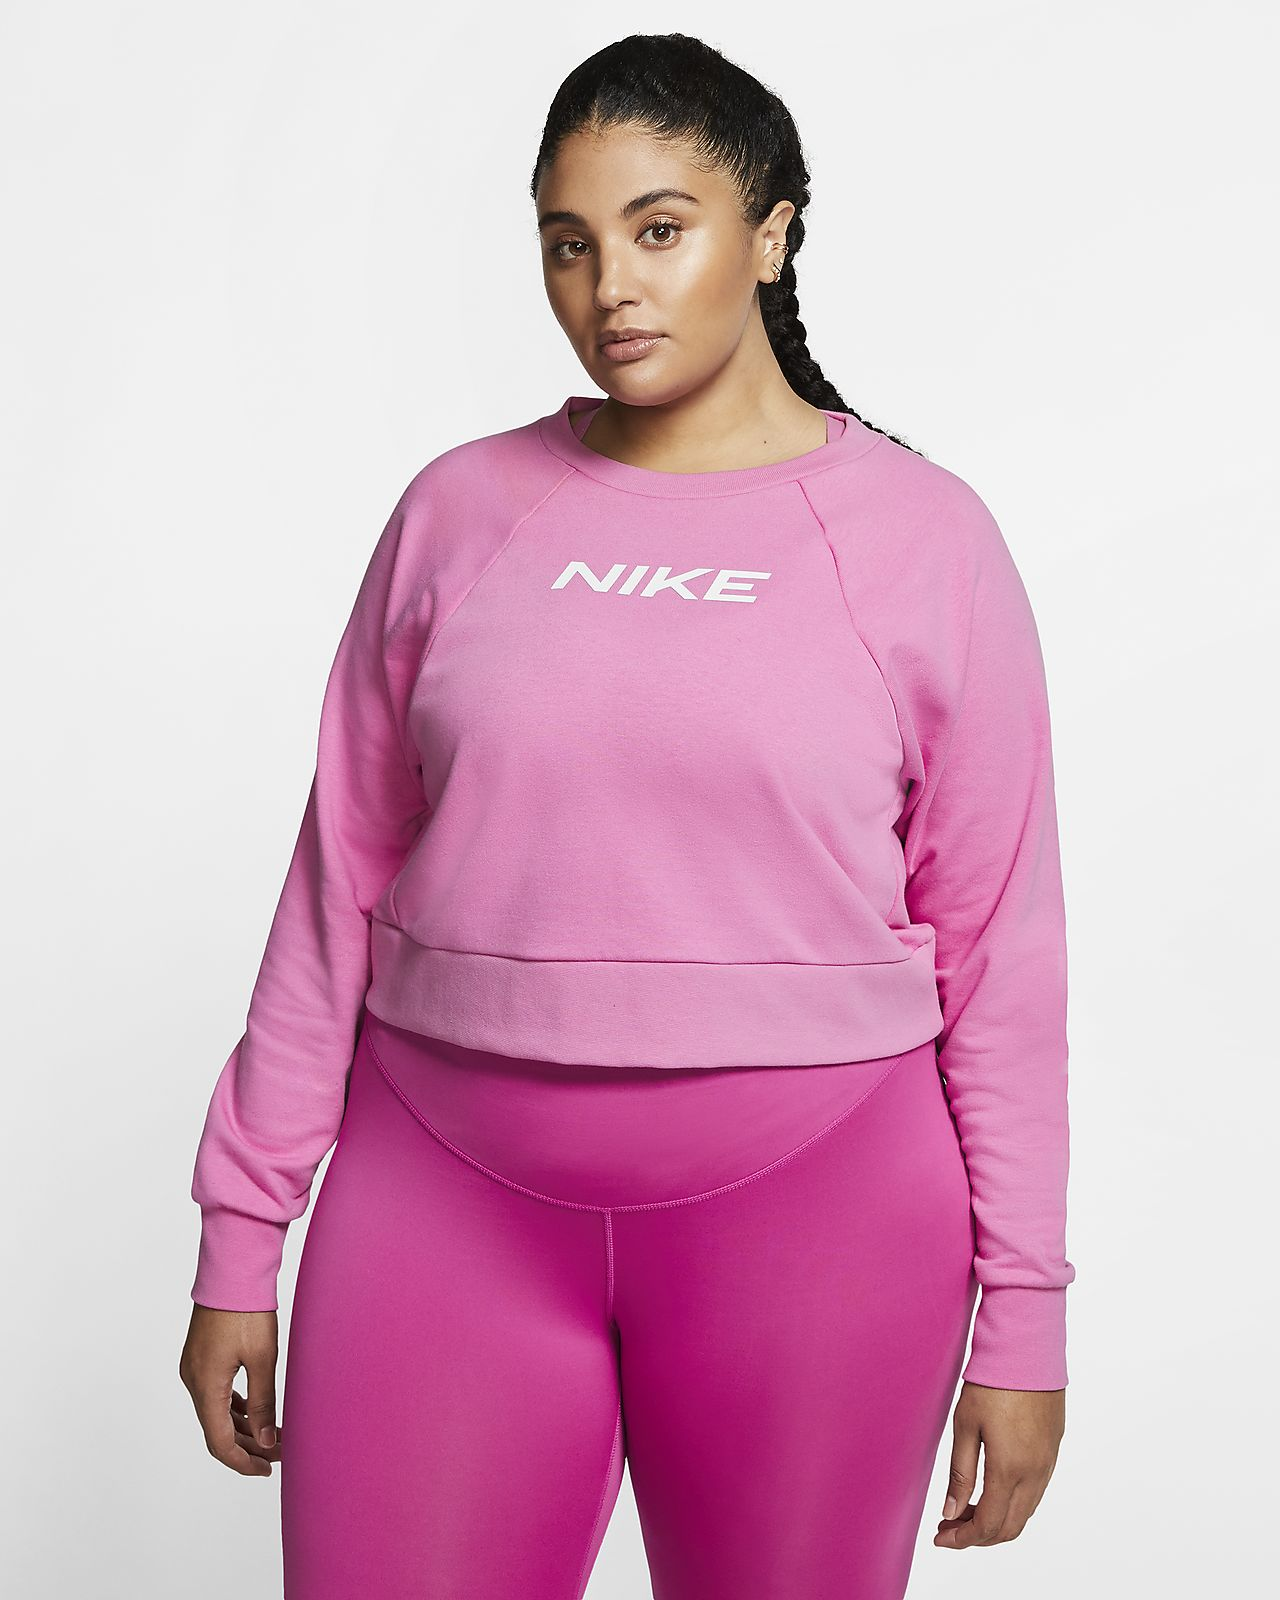 da Nike a girocollo training DonnaPlus Maglia Size dCtrxshQB